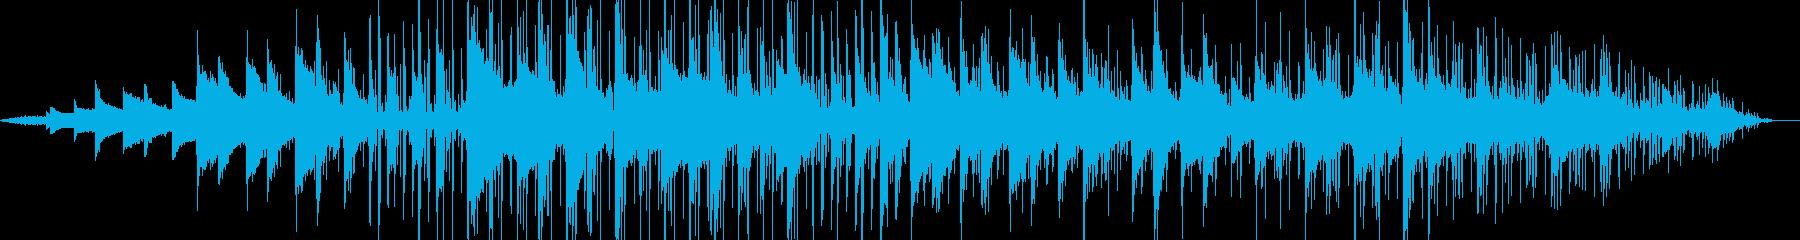 スロー、サイケデリック、エレクトロ...の再生済みの波形